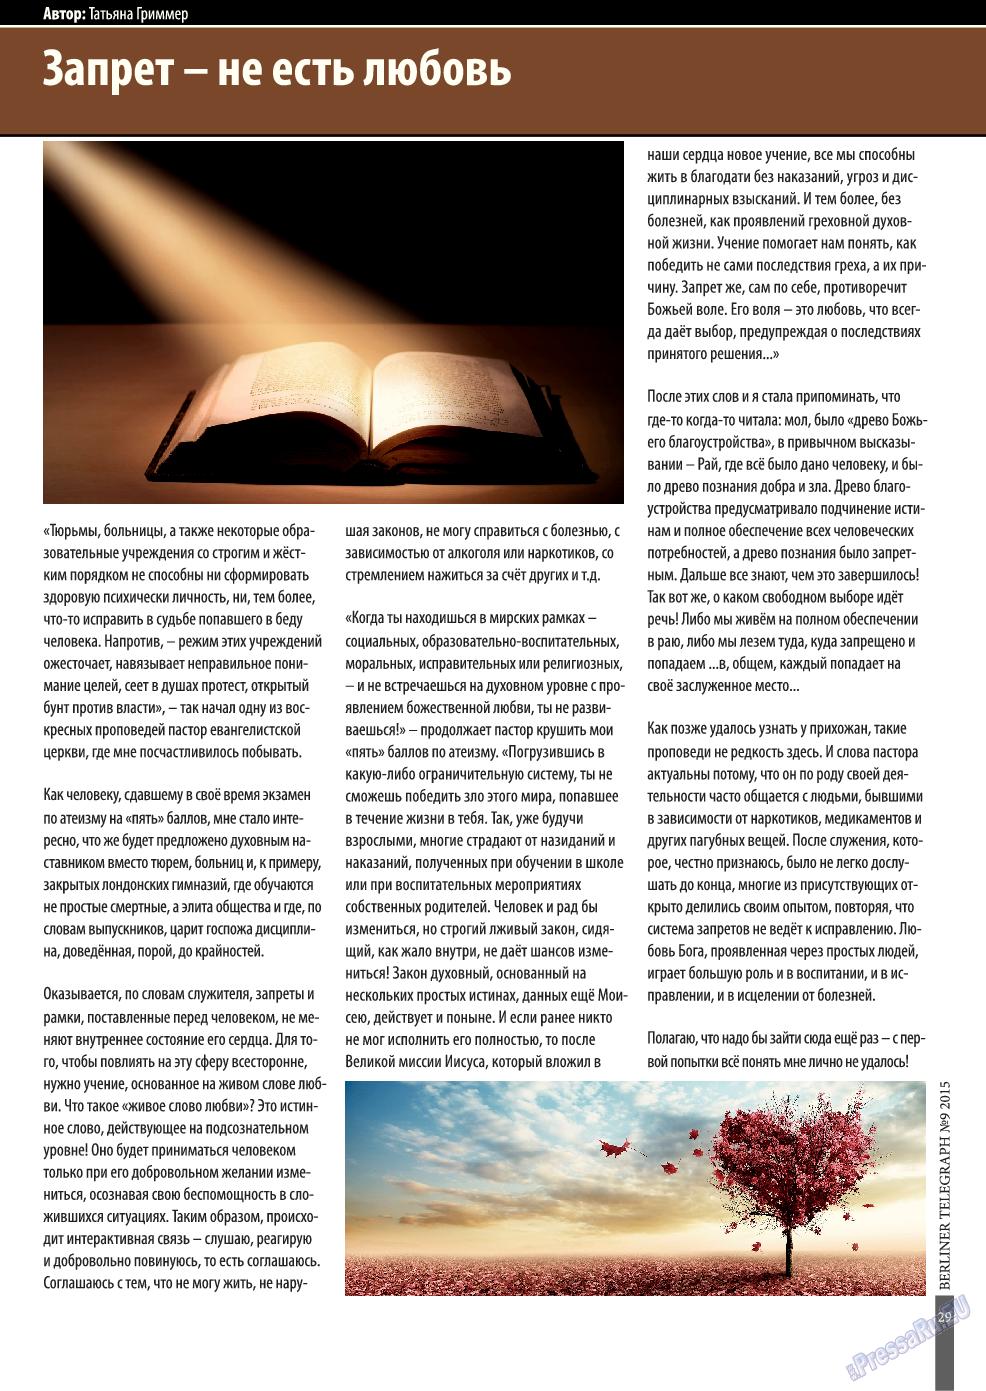 Берлинский телеграф (журнал). 2015 год, номер 10, стр. 29